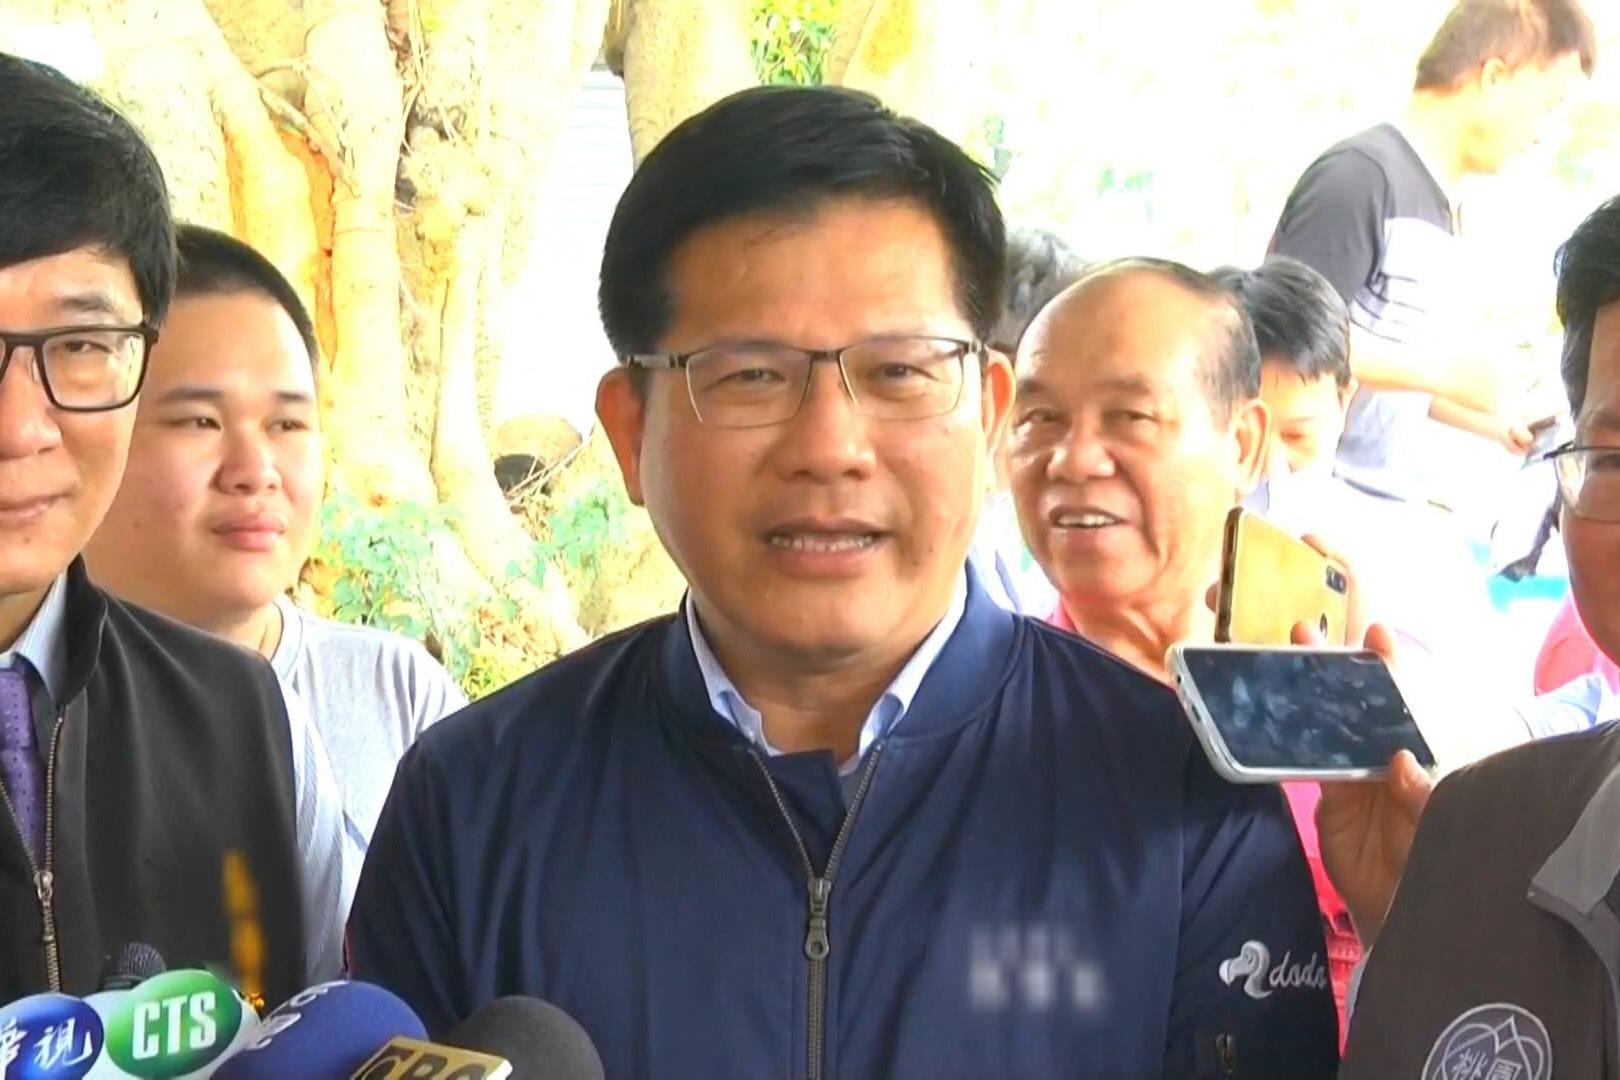 绿营备战2022县市长选举,台交通部门主管林佳龙或再选台中市长